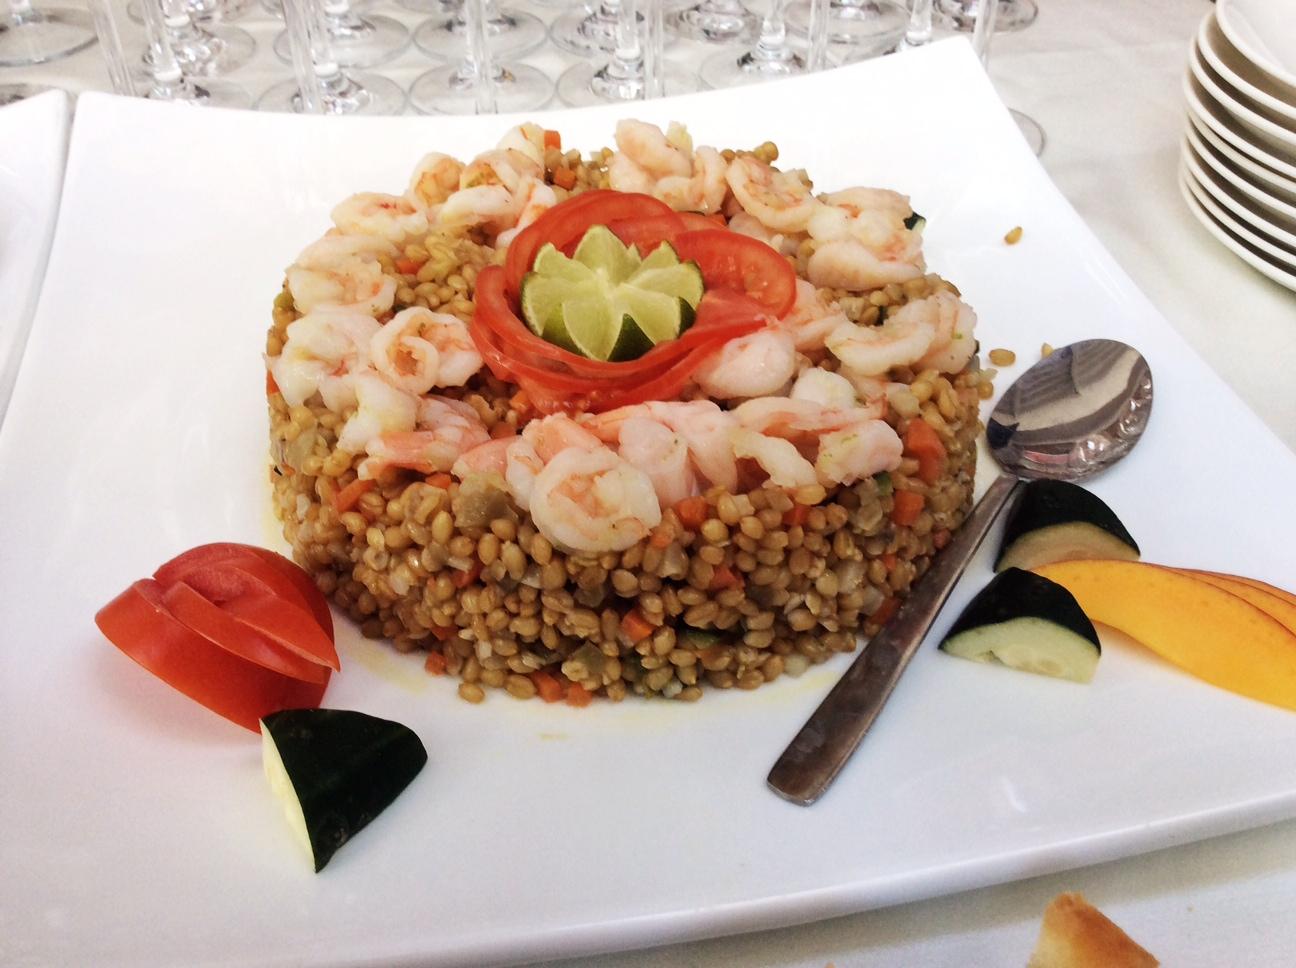 Nella foto si vede un'insalata di grano a forma di torta